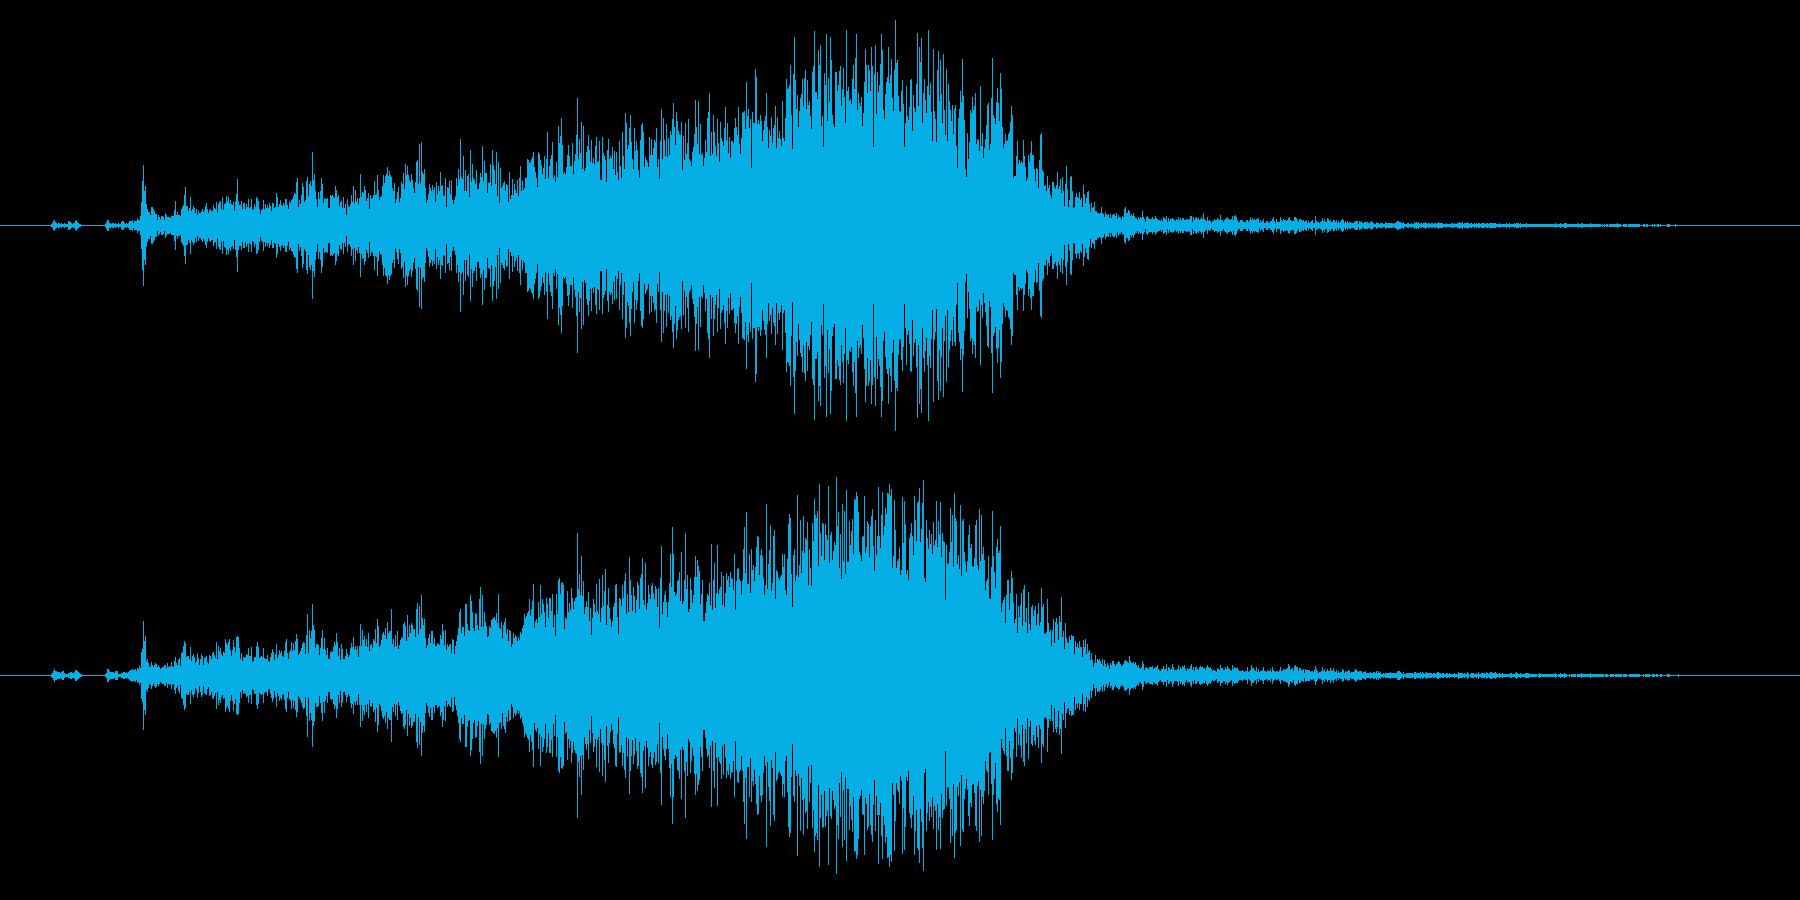 アイスホッケーの滑り込みスライディング4の再生済みの波形